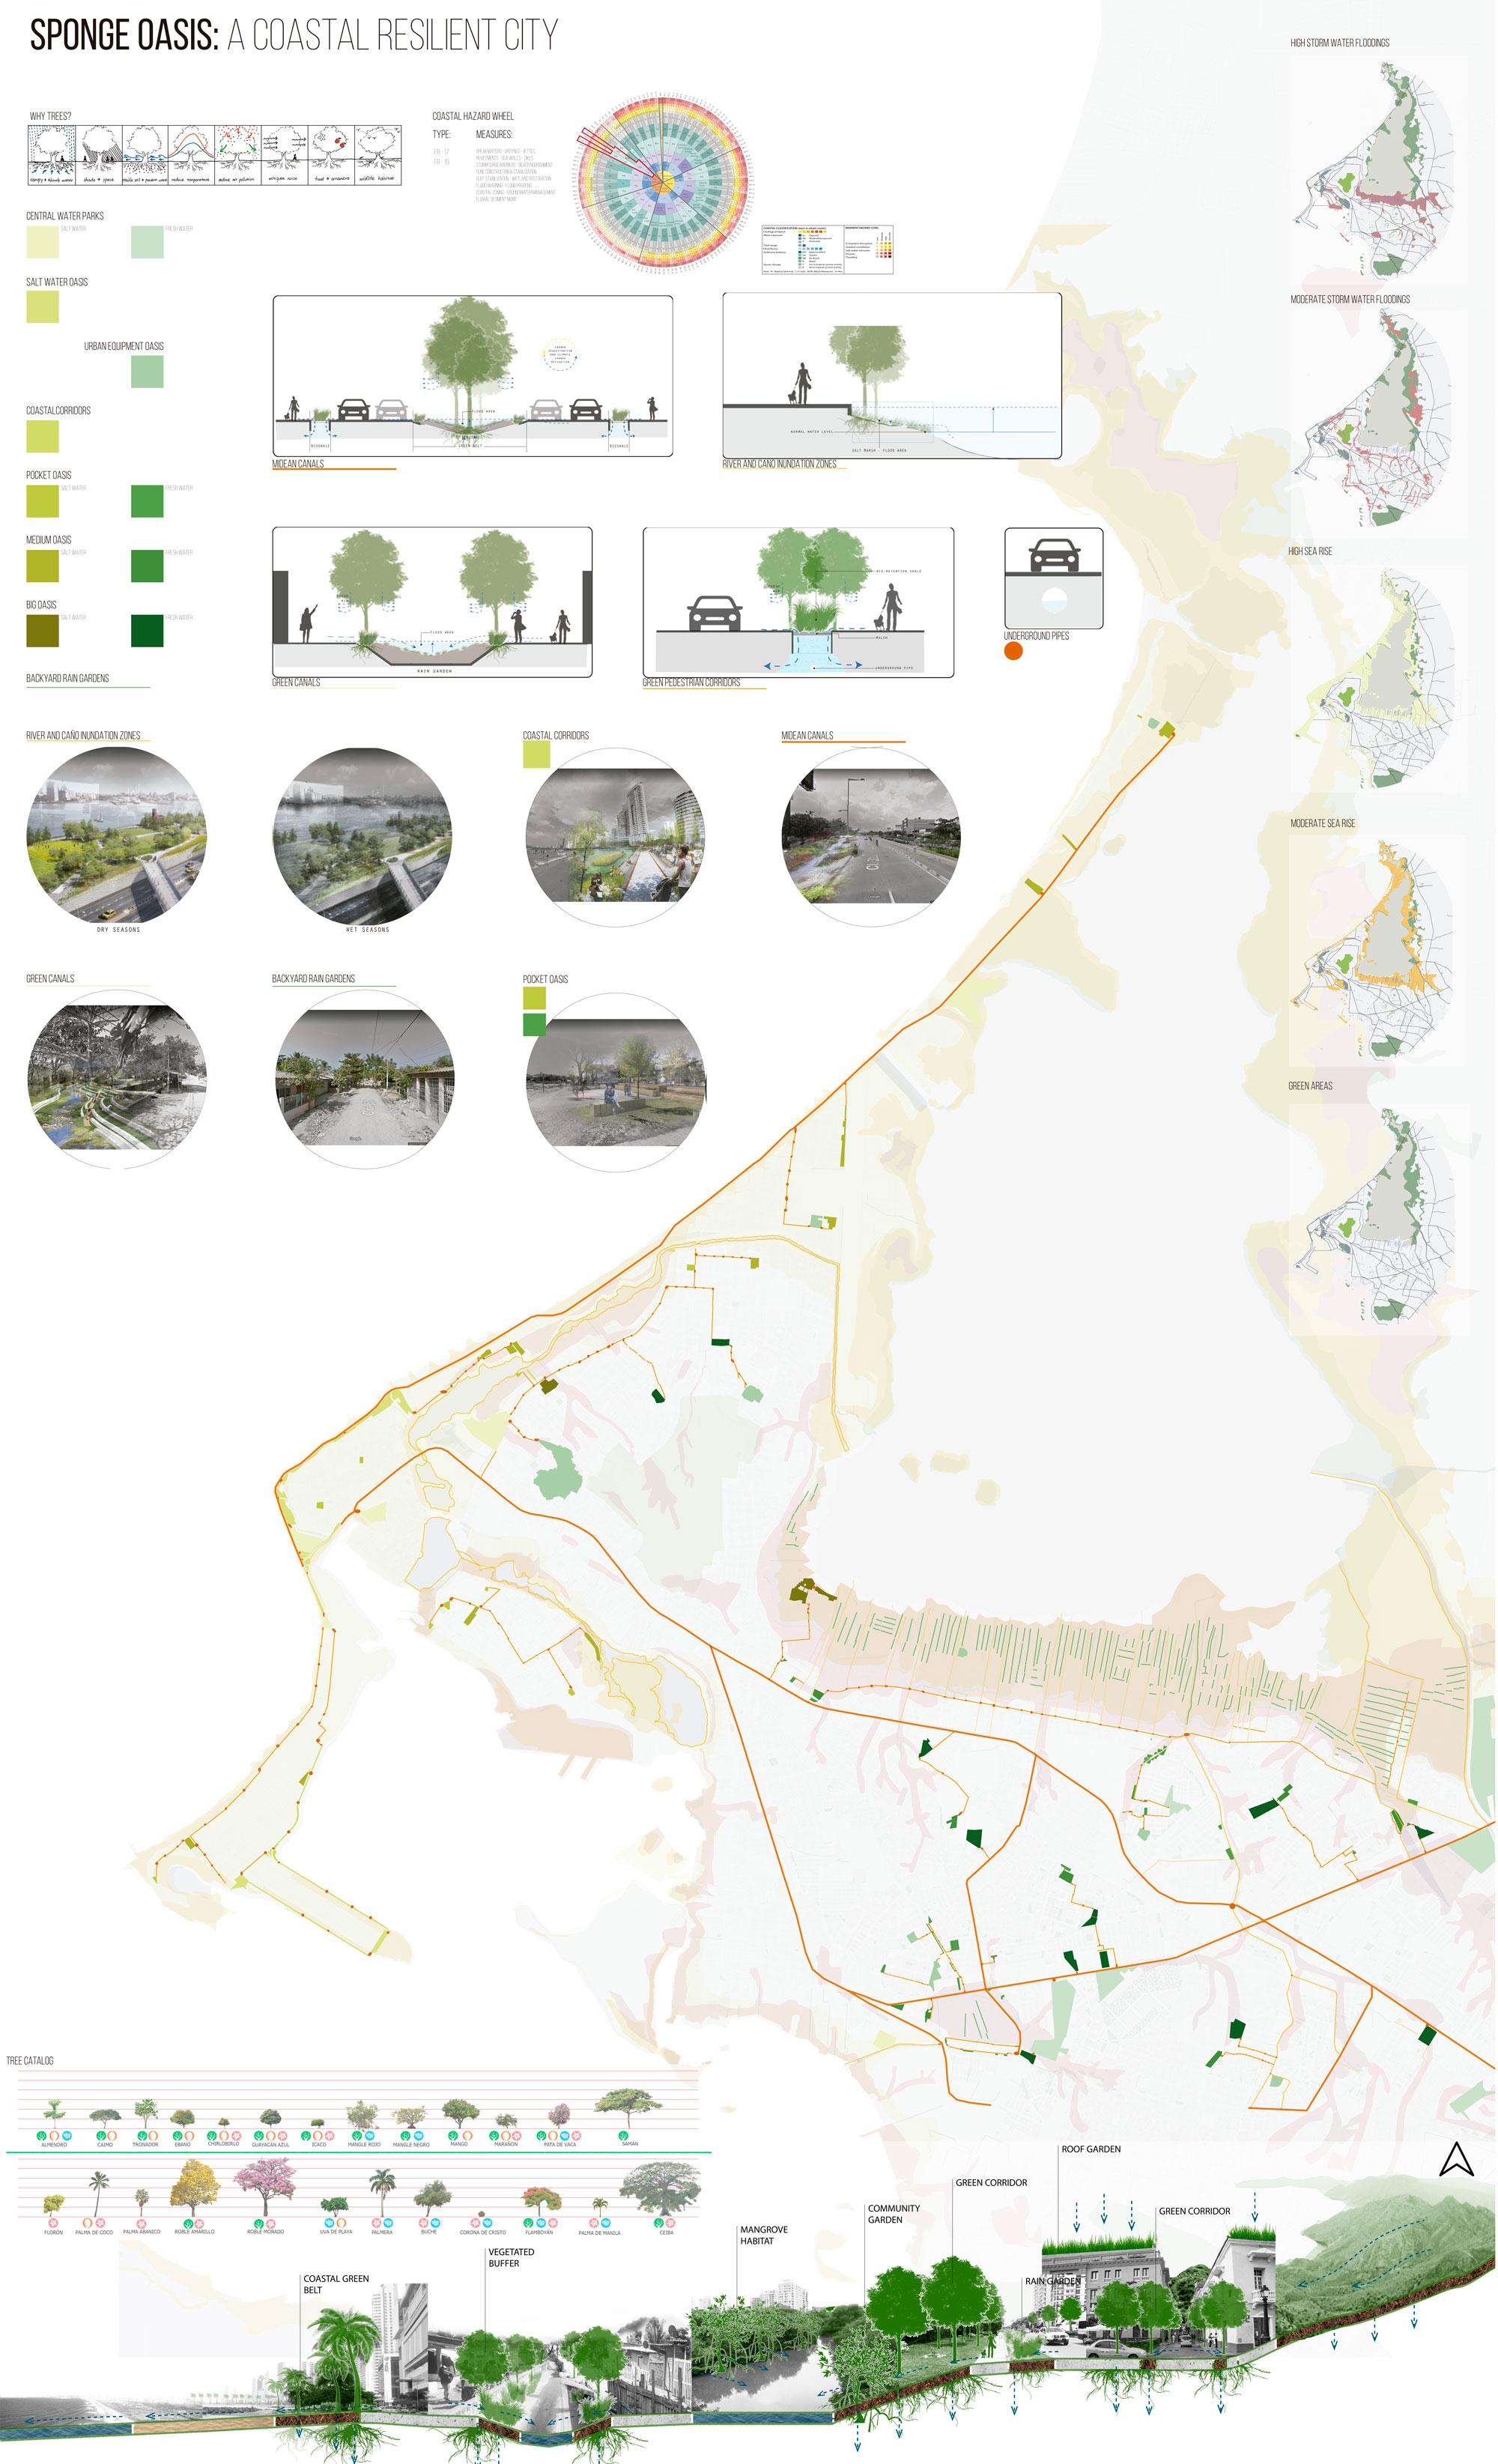 Sponge Oasis: A Coastal Resilient City